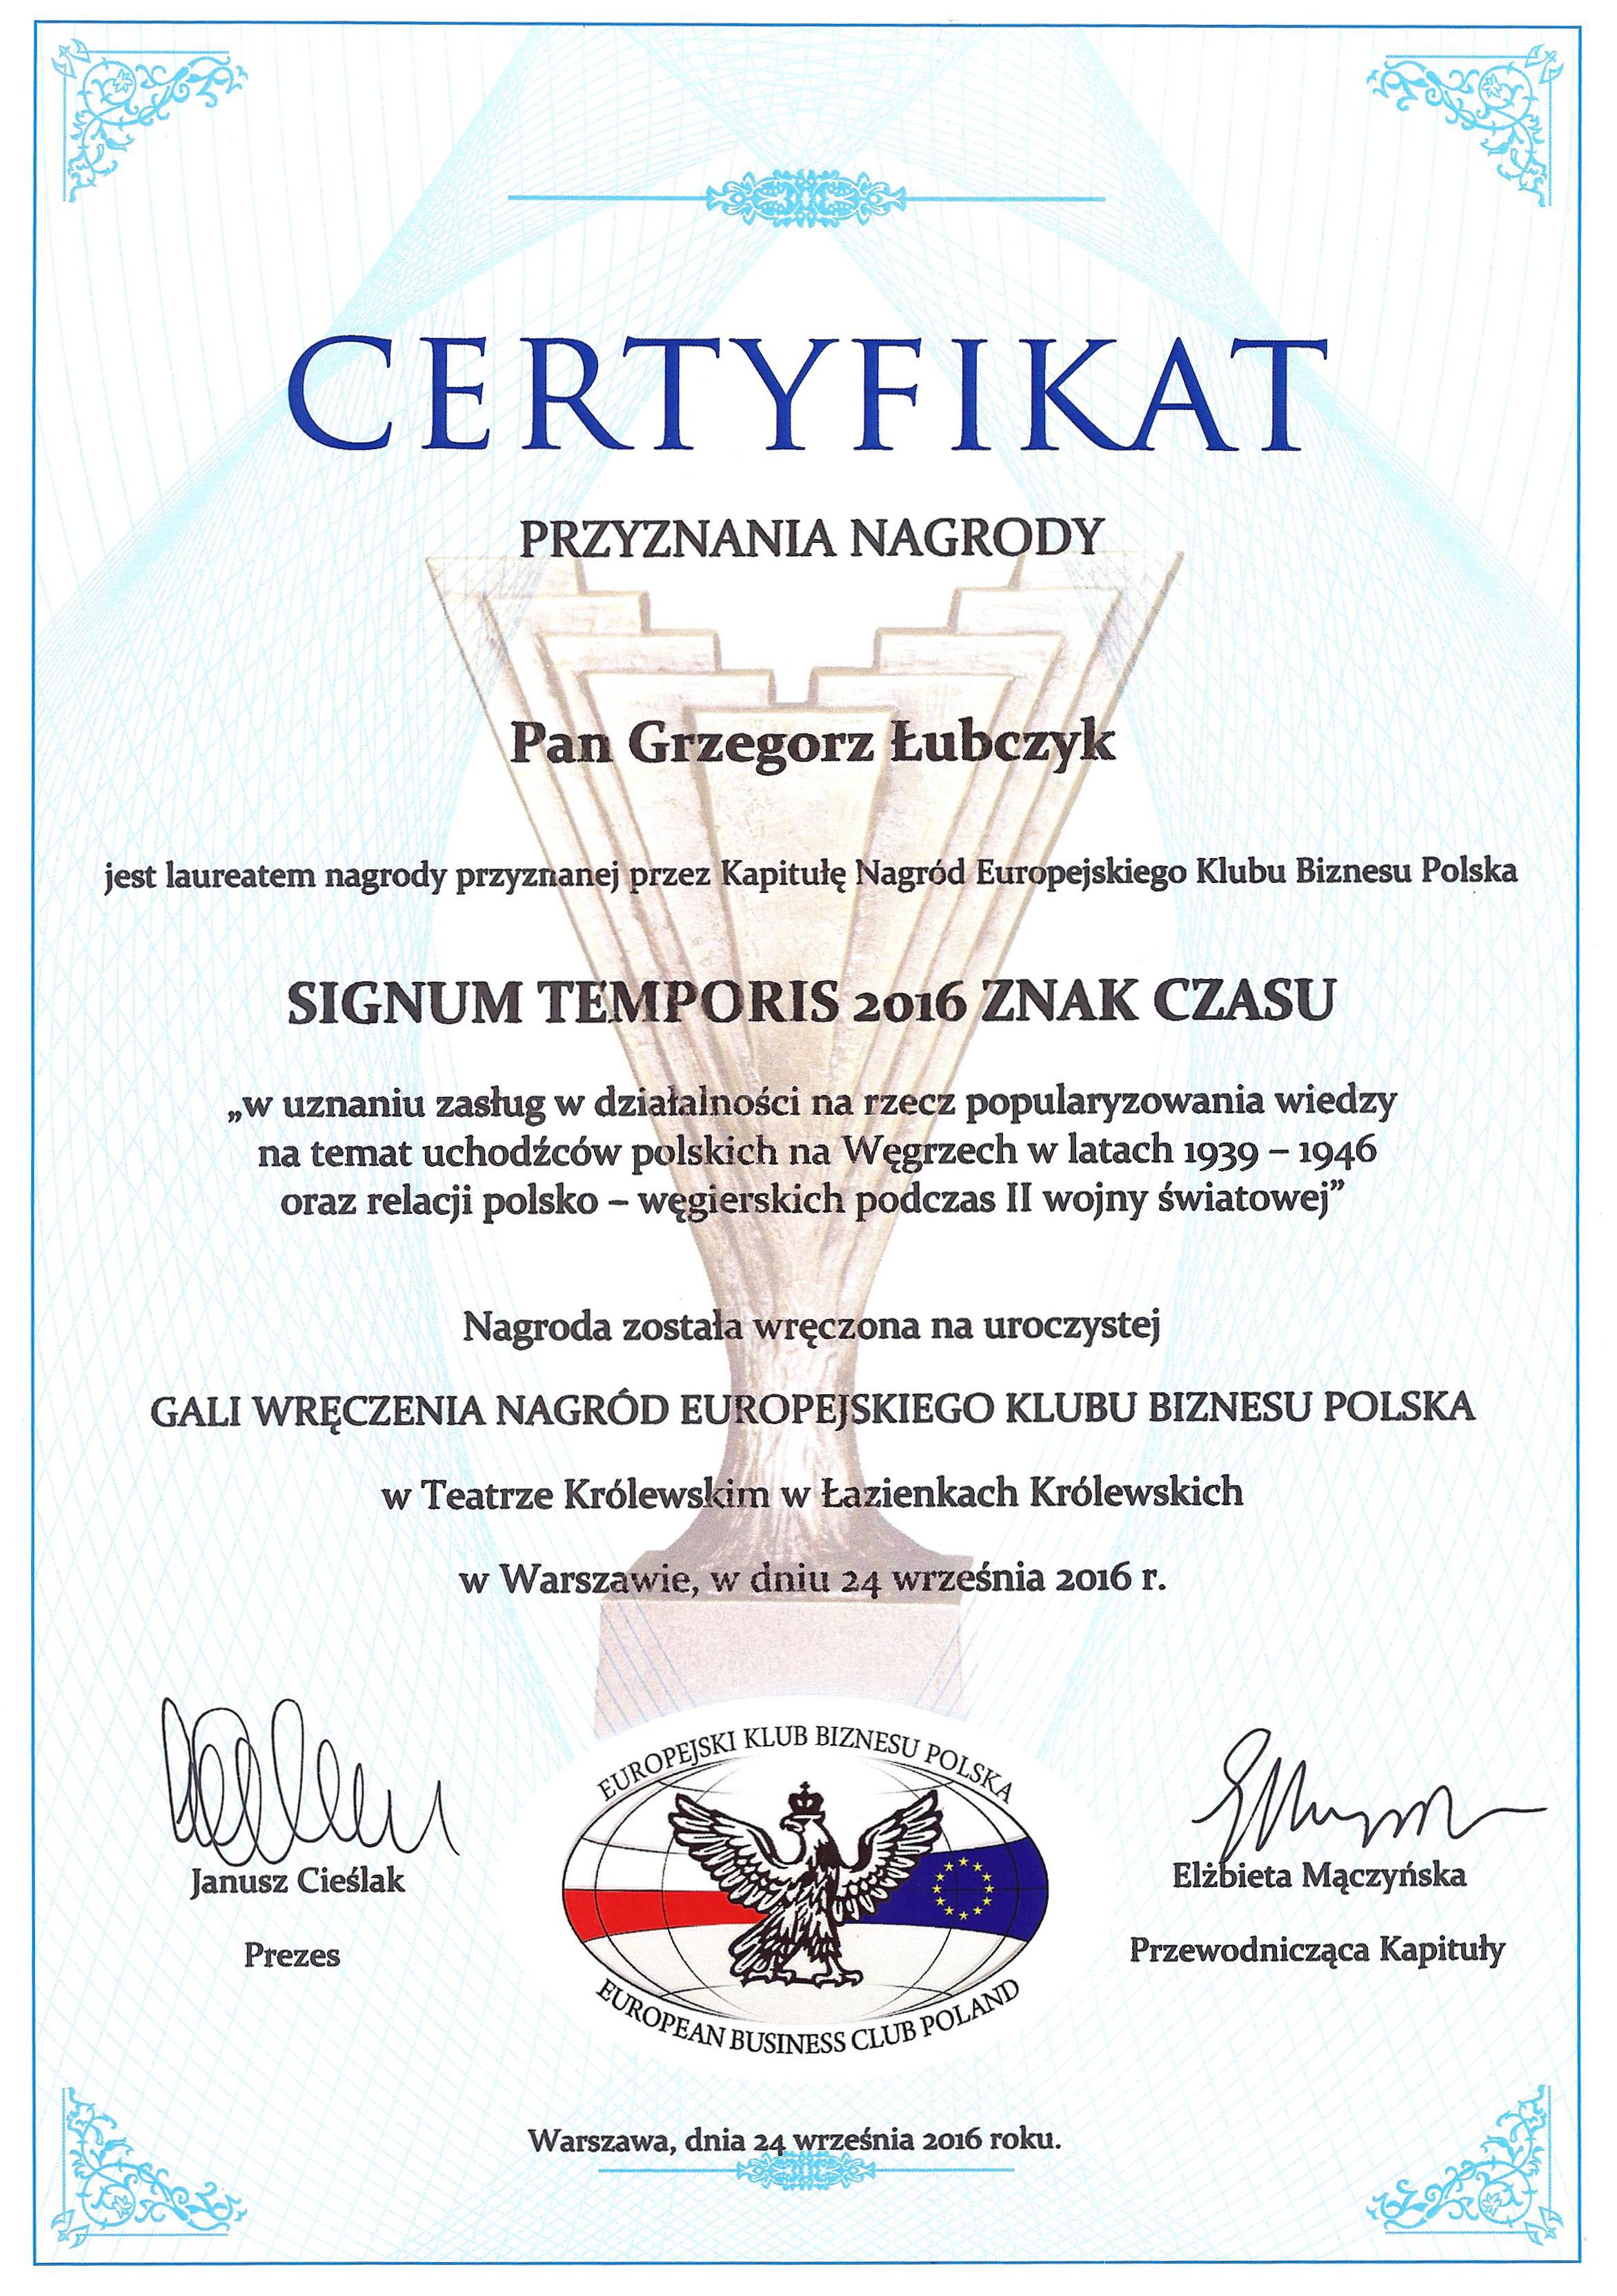 certyfikaty-lubczyk